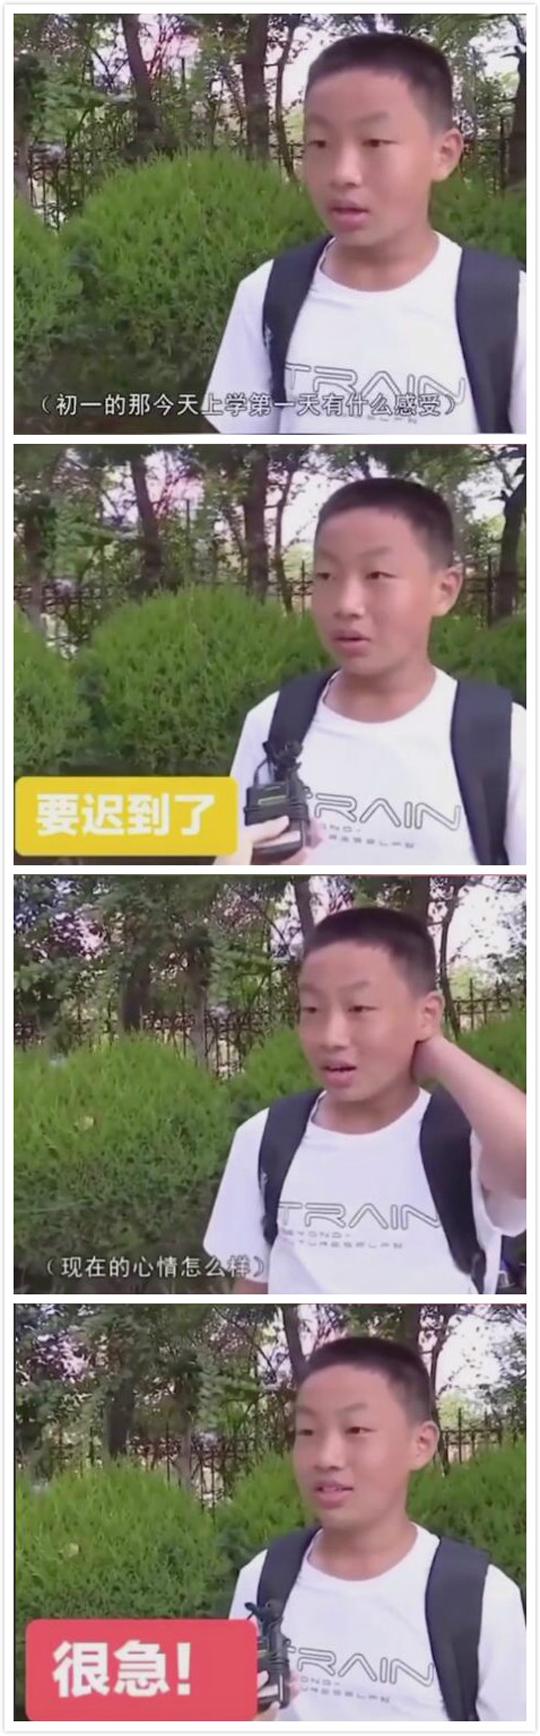 学生:要迟到了。记者:你要迟到了啊?!我不信